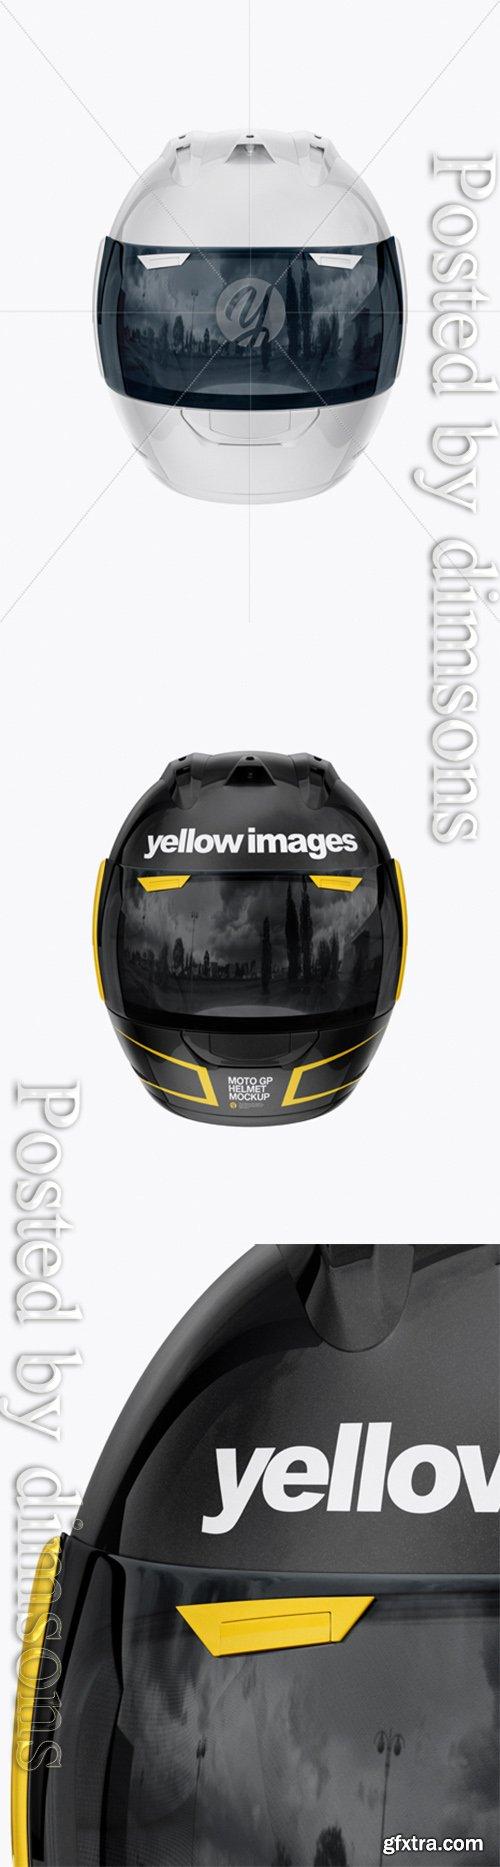 Moto GP Helmet Mockup - Front View 24958